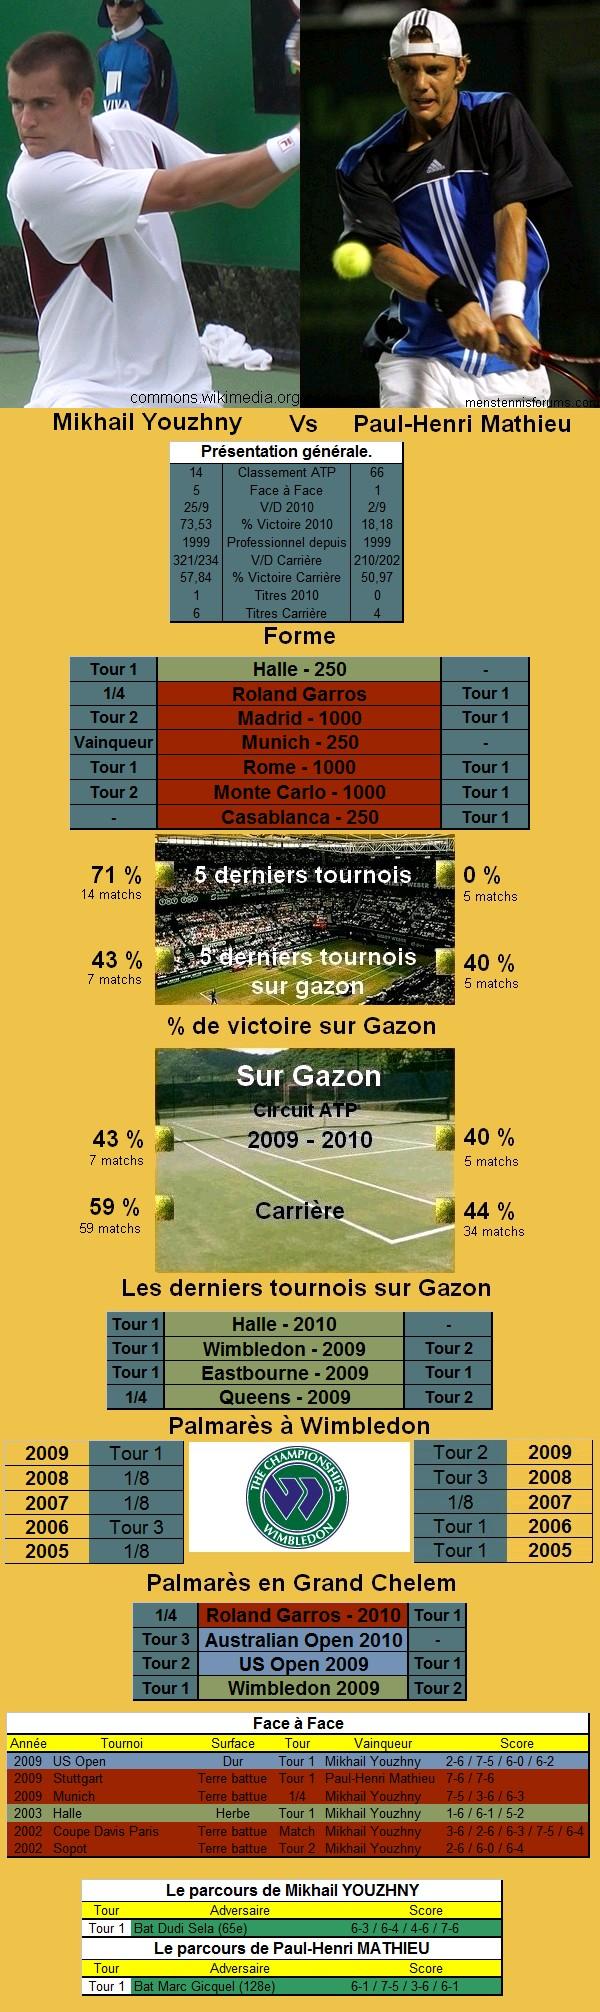 Statistiques tennis de Youzhny contre Mathieu à Wimbledon